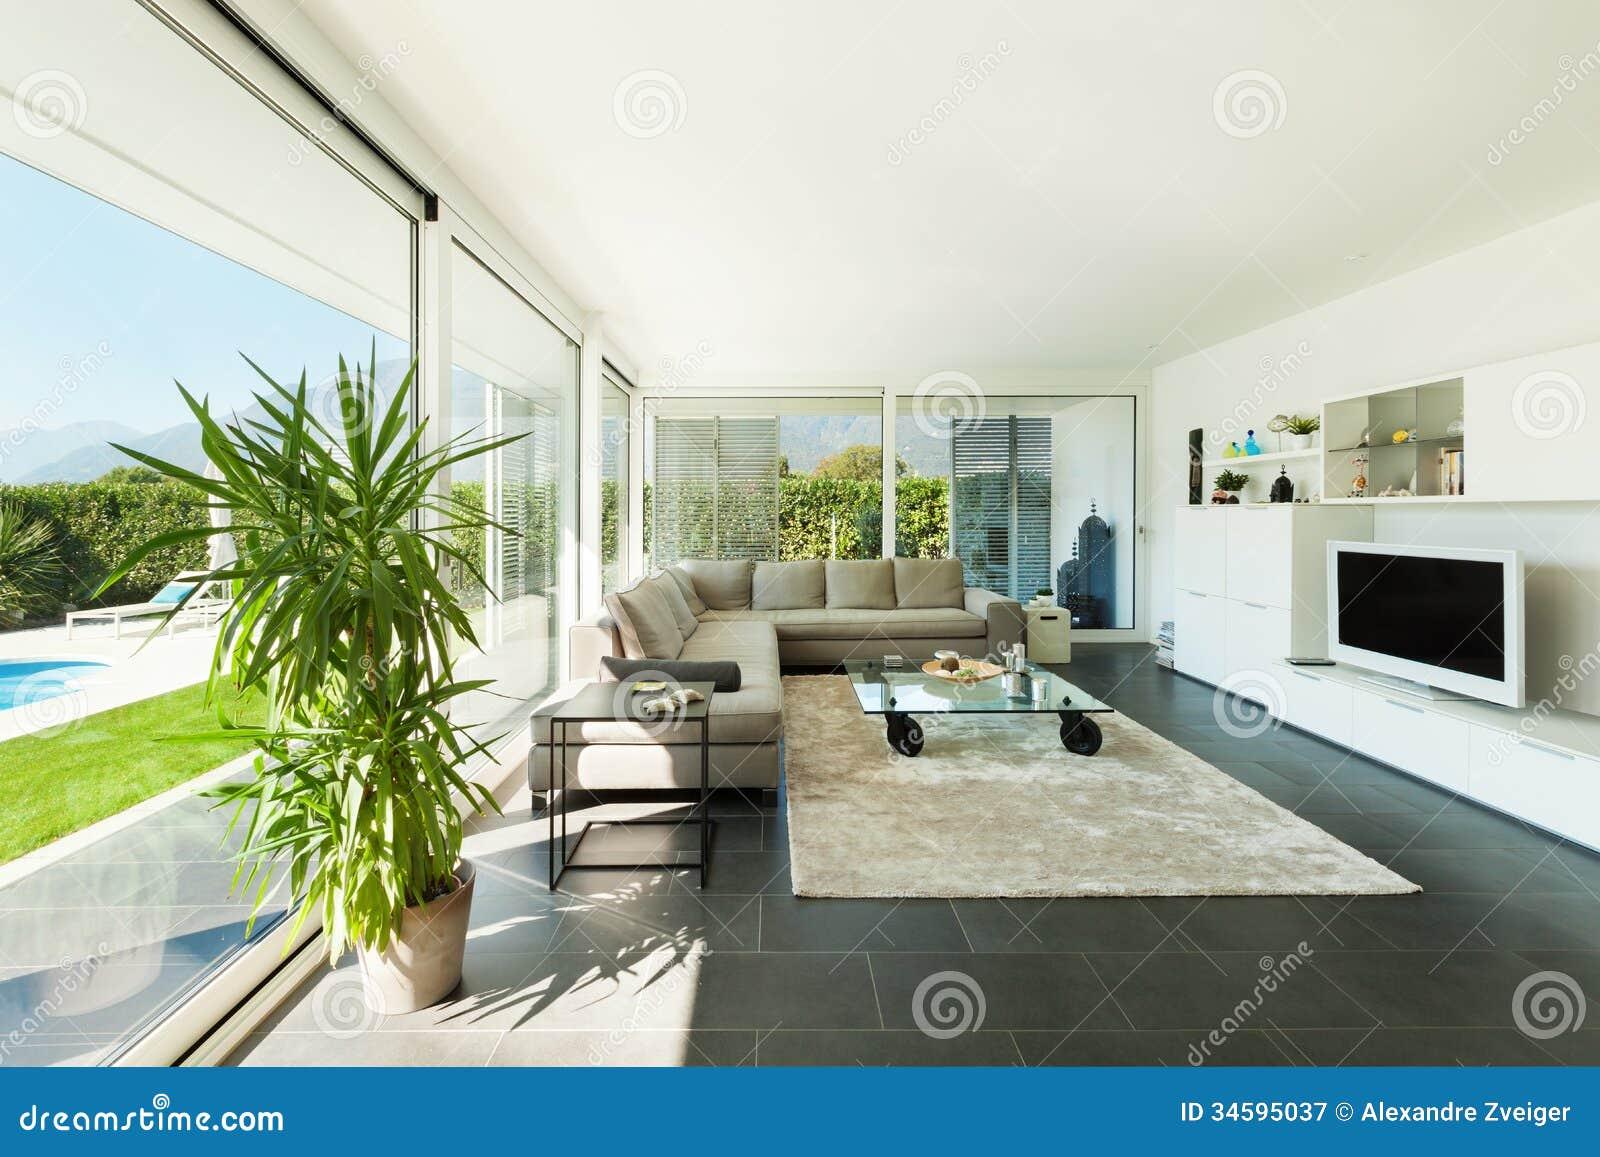 Modernes Landhaus, Innenraum, Schönes Wohnzimmer